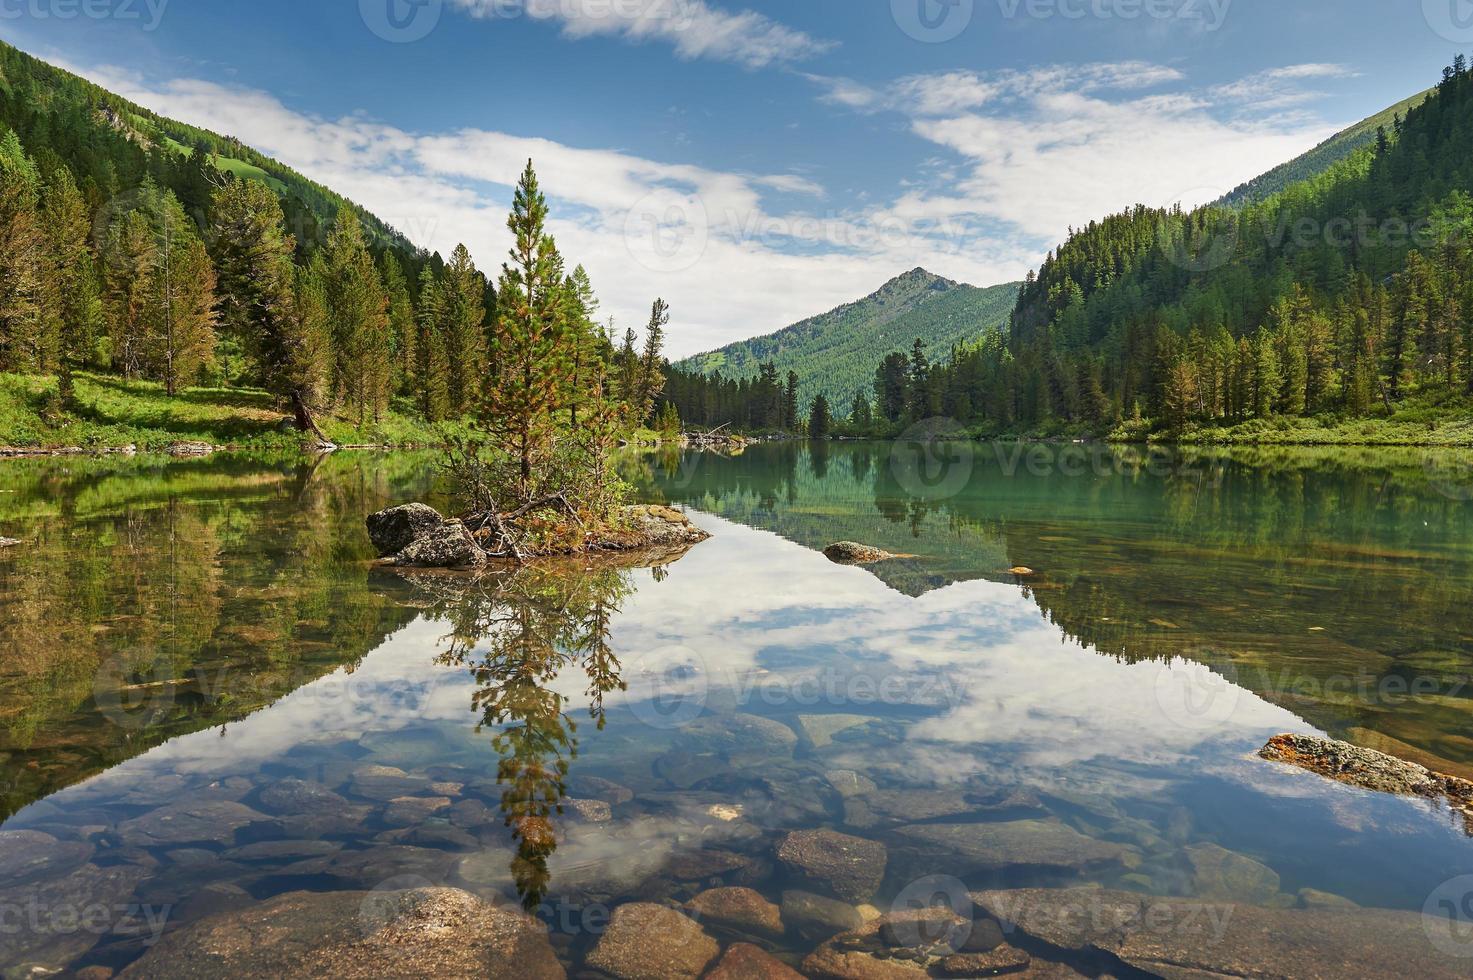 paisagem de verão linda, montanhas altai na rússia. foto